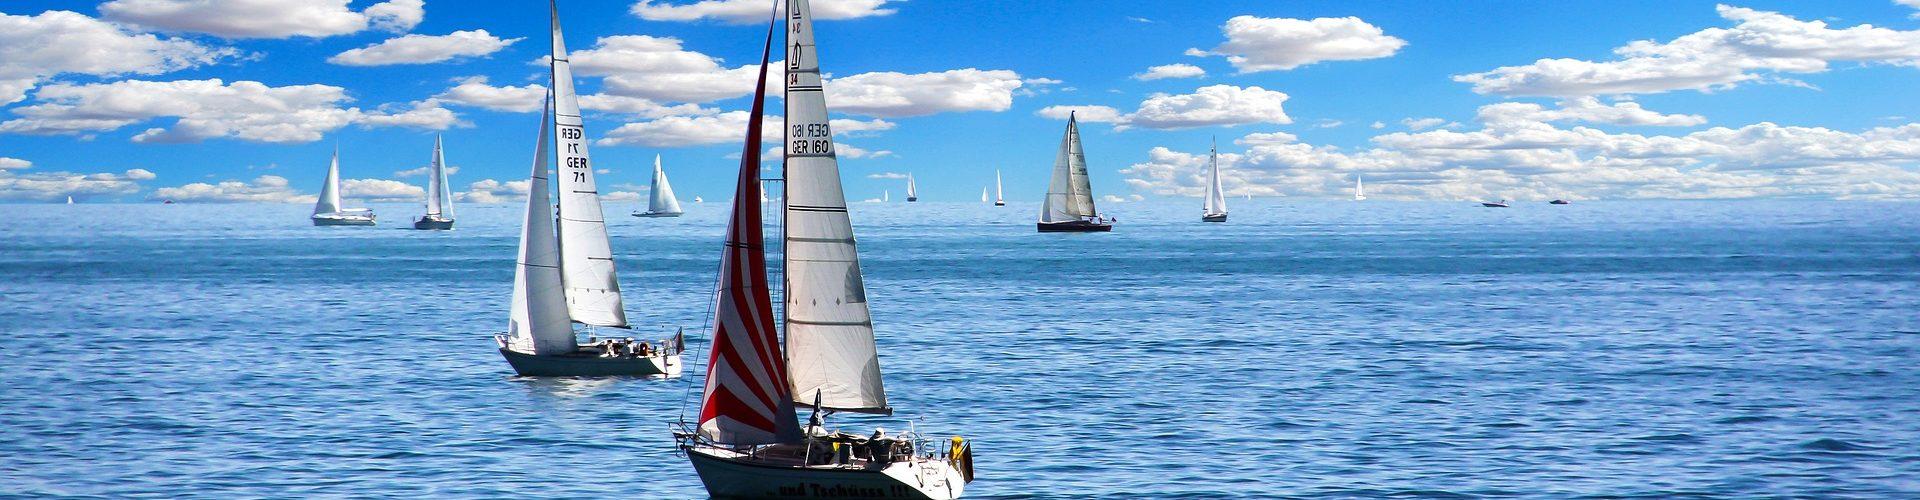 segeln lernen in Ingolstadt segelschein machen in Ingolstadt 1920x500 - Segeln lernen in Ingolstadt